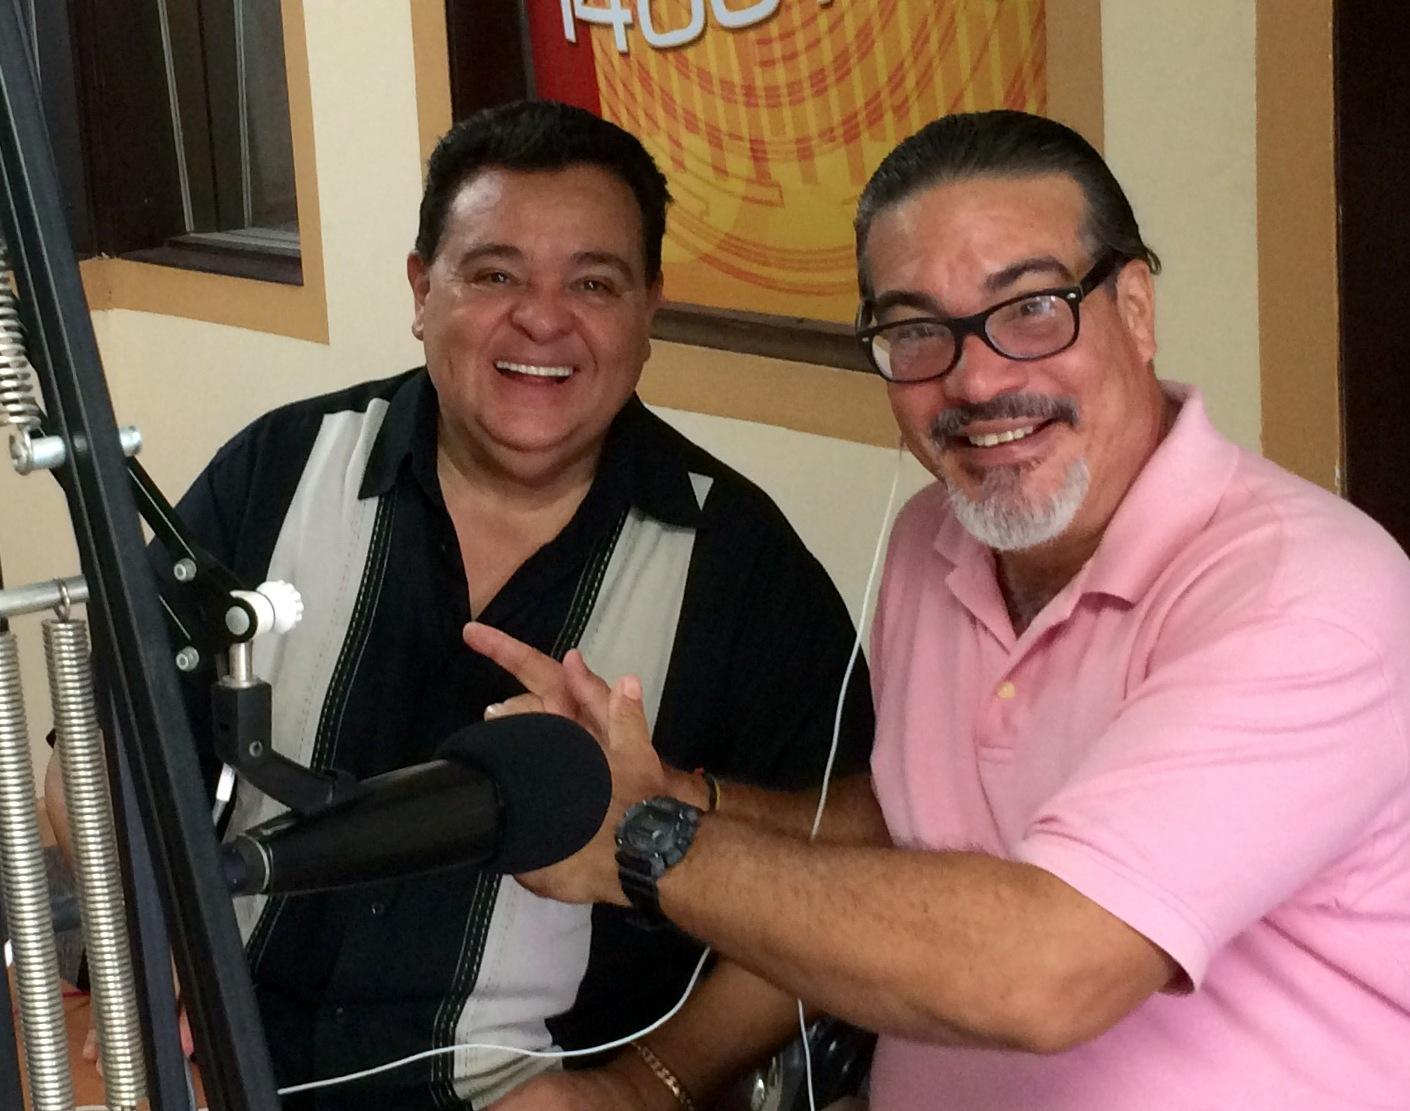 El perioidsta Torres Torres (derecha) junto a Richie Ray durante una reciente entrevista al artista. (Foto suministrada)